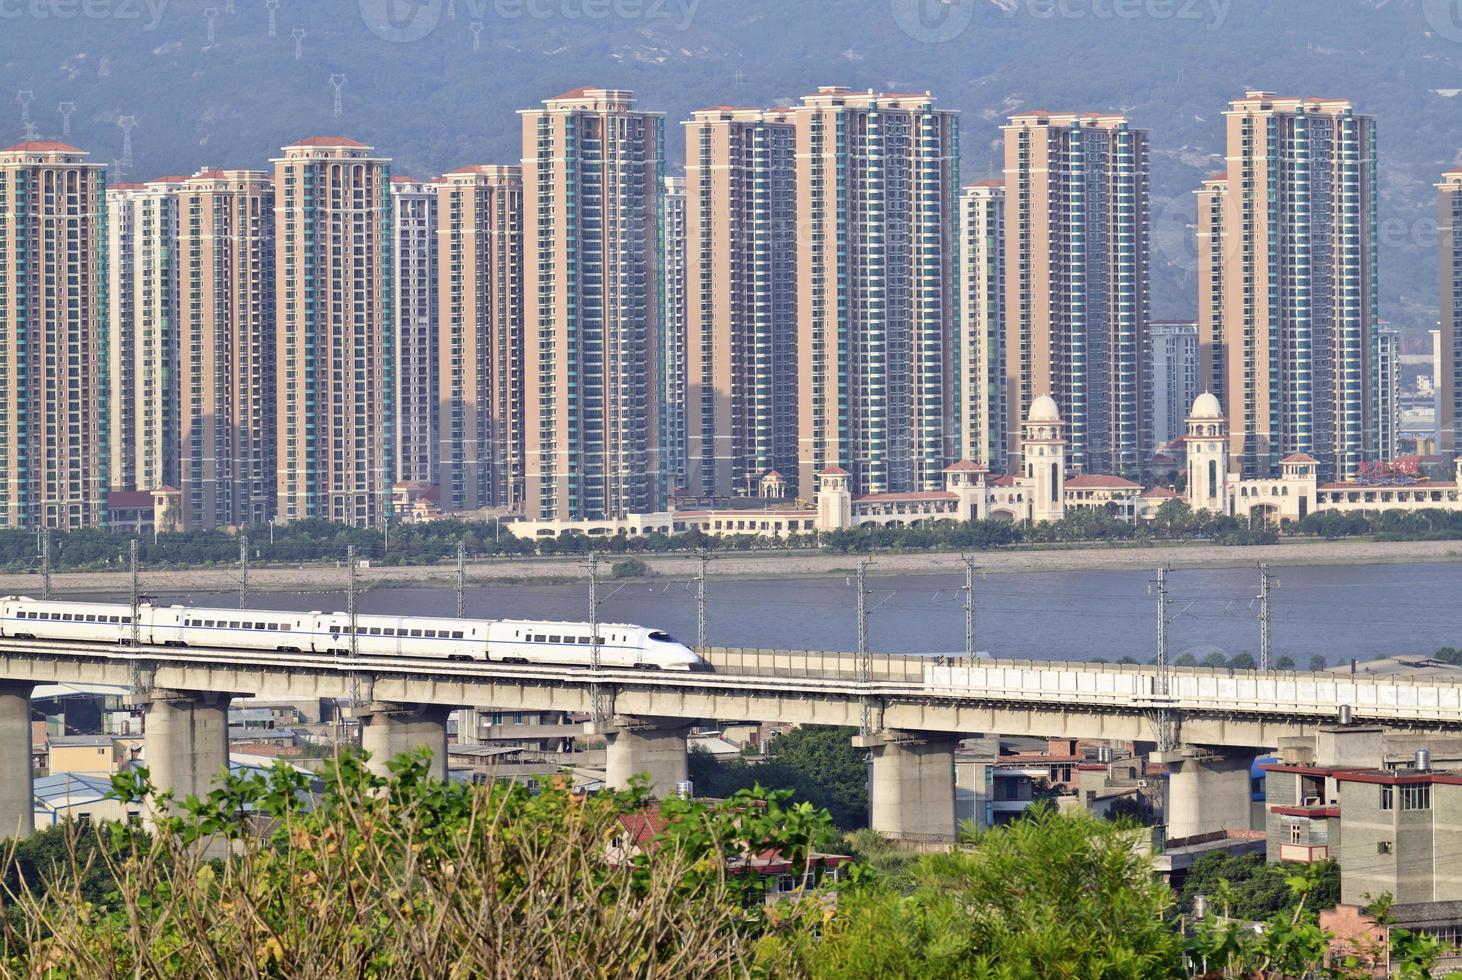 supertrain op betonnen brug, aan de zuidoostkust van china foto